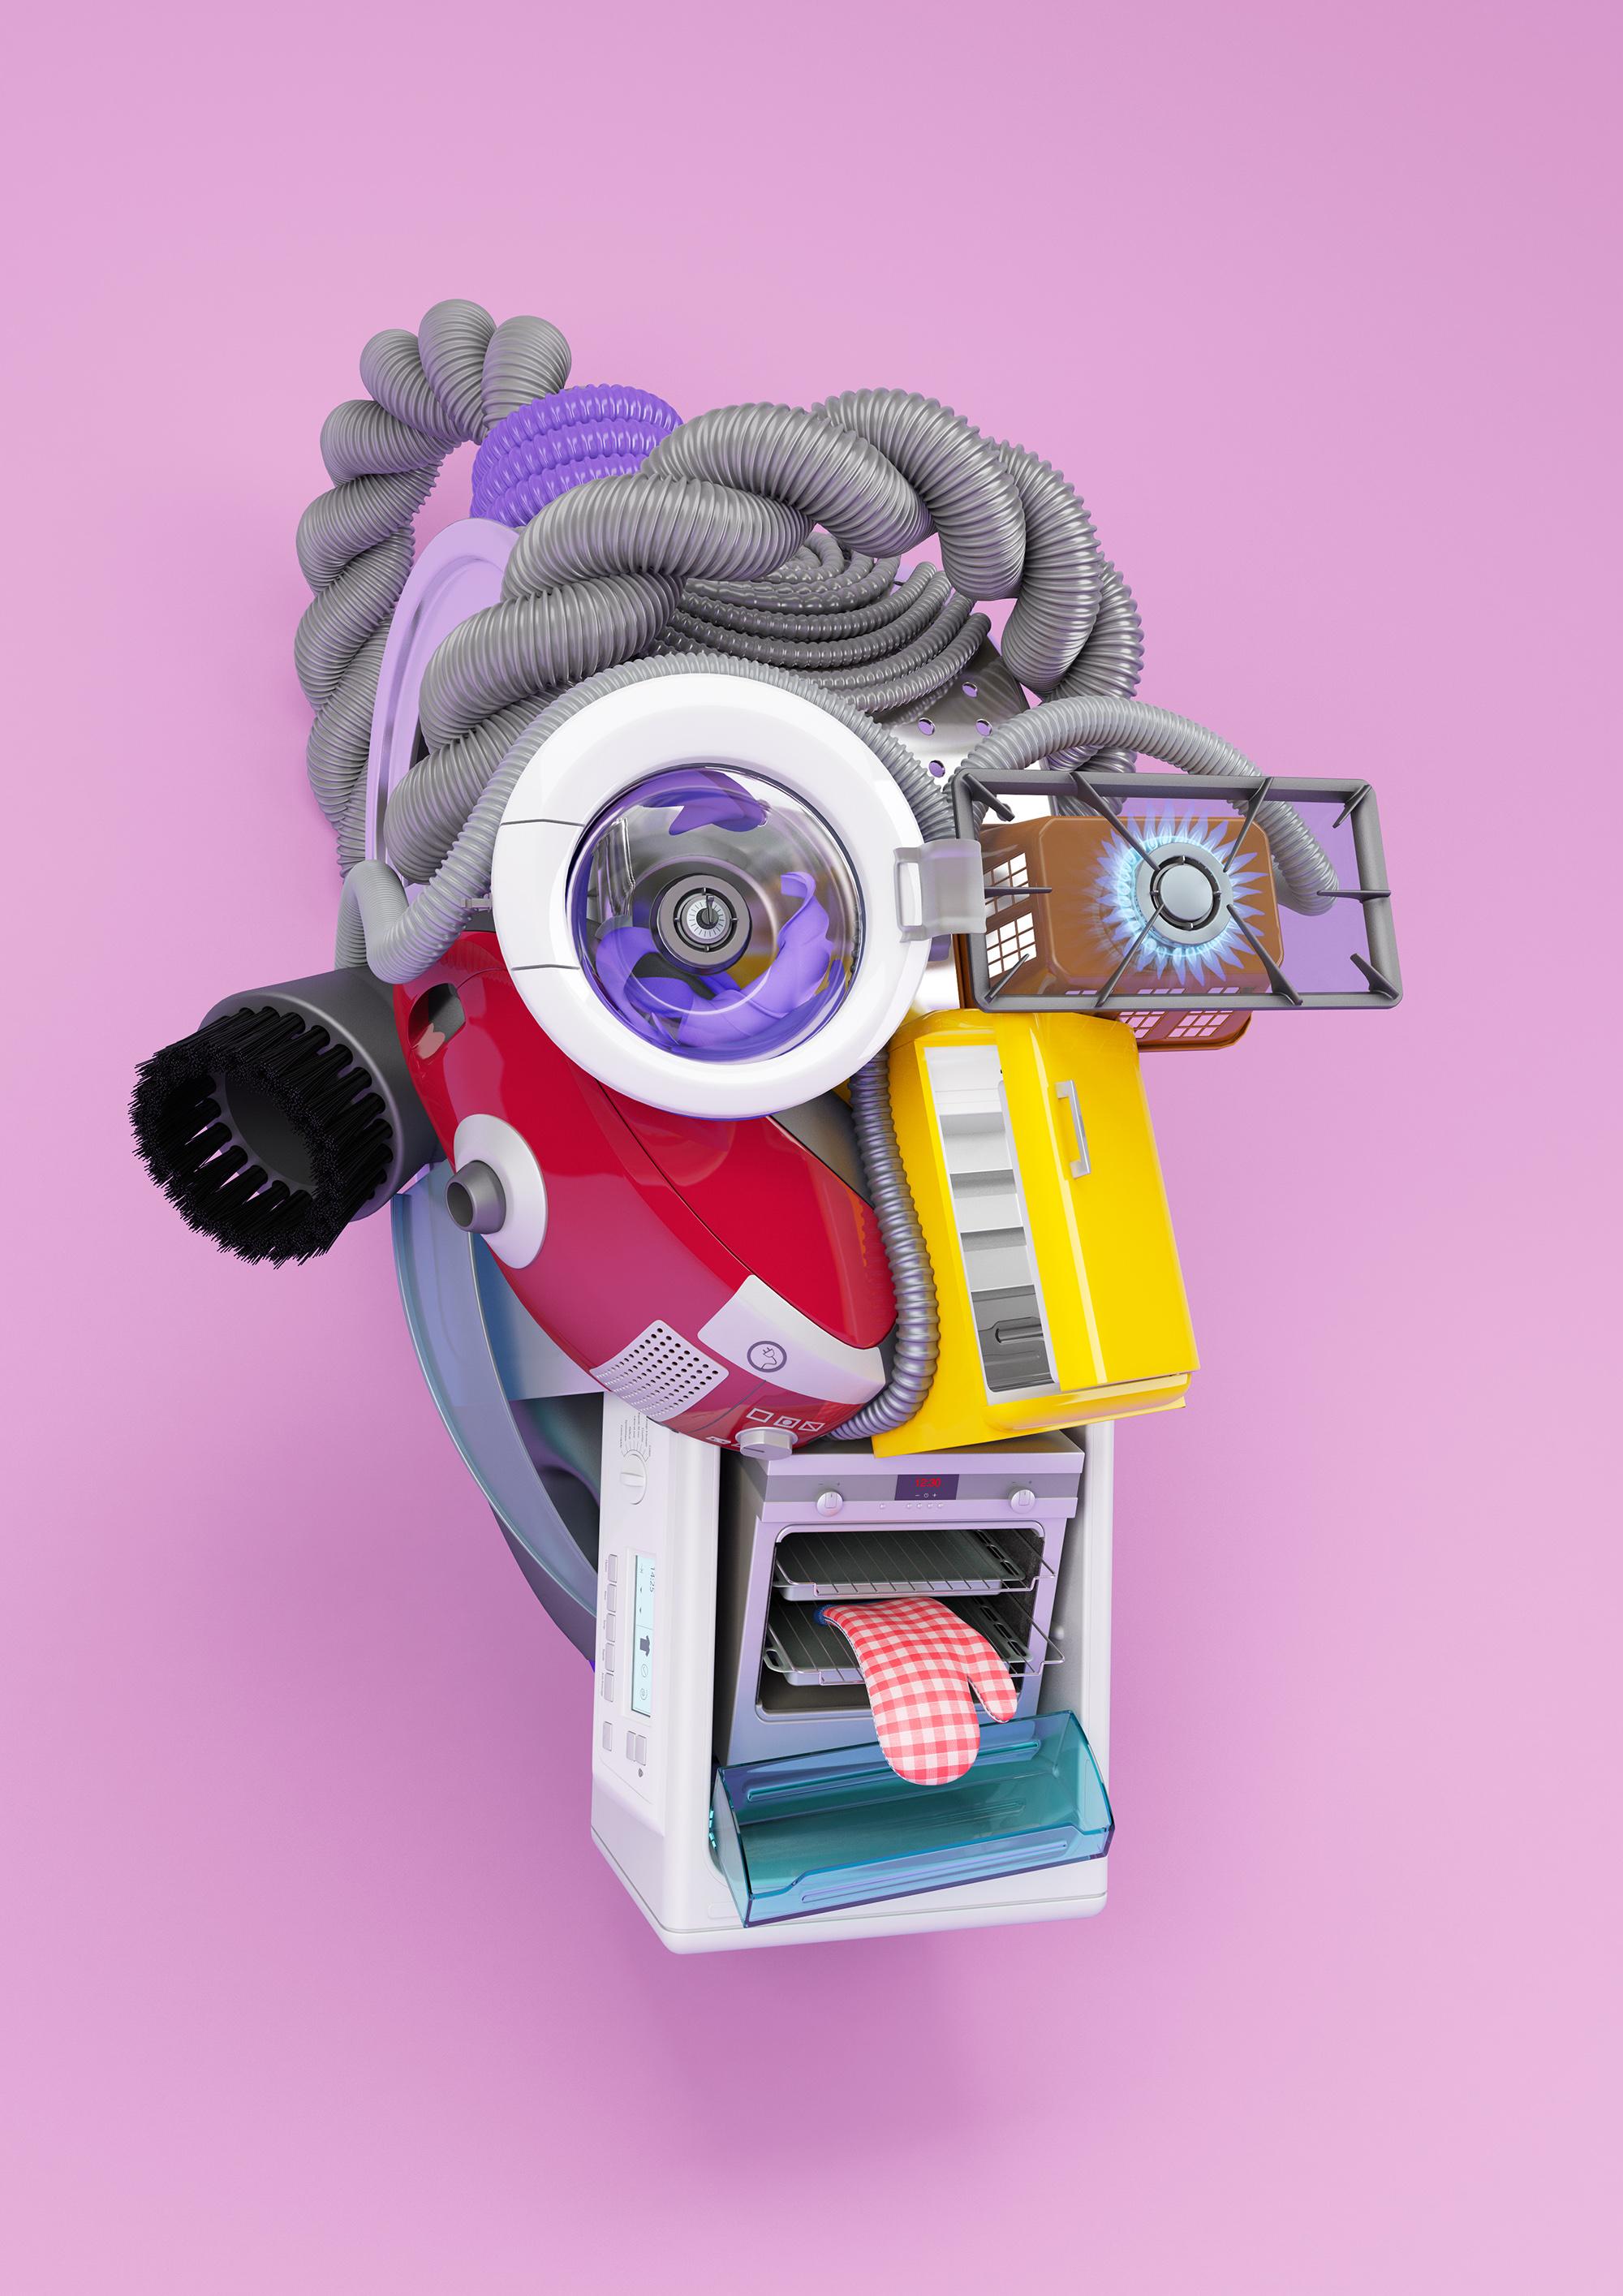 appliance_head_port0000.jpg